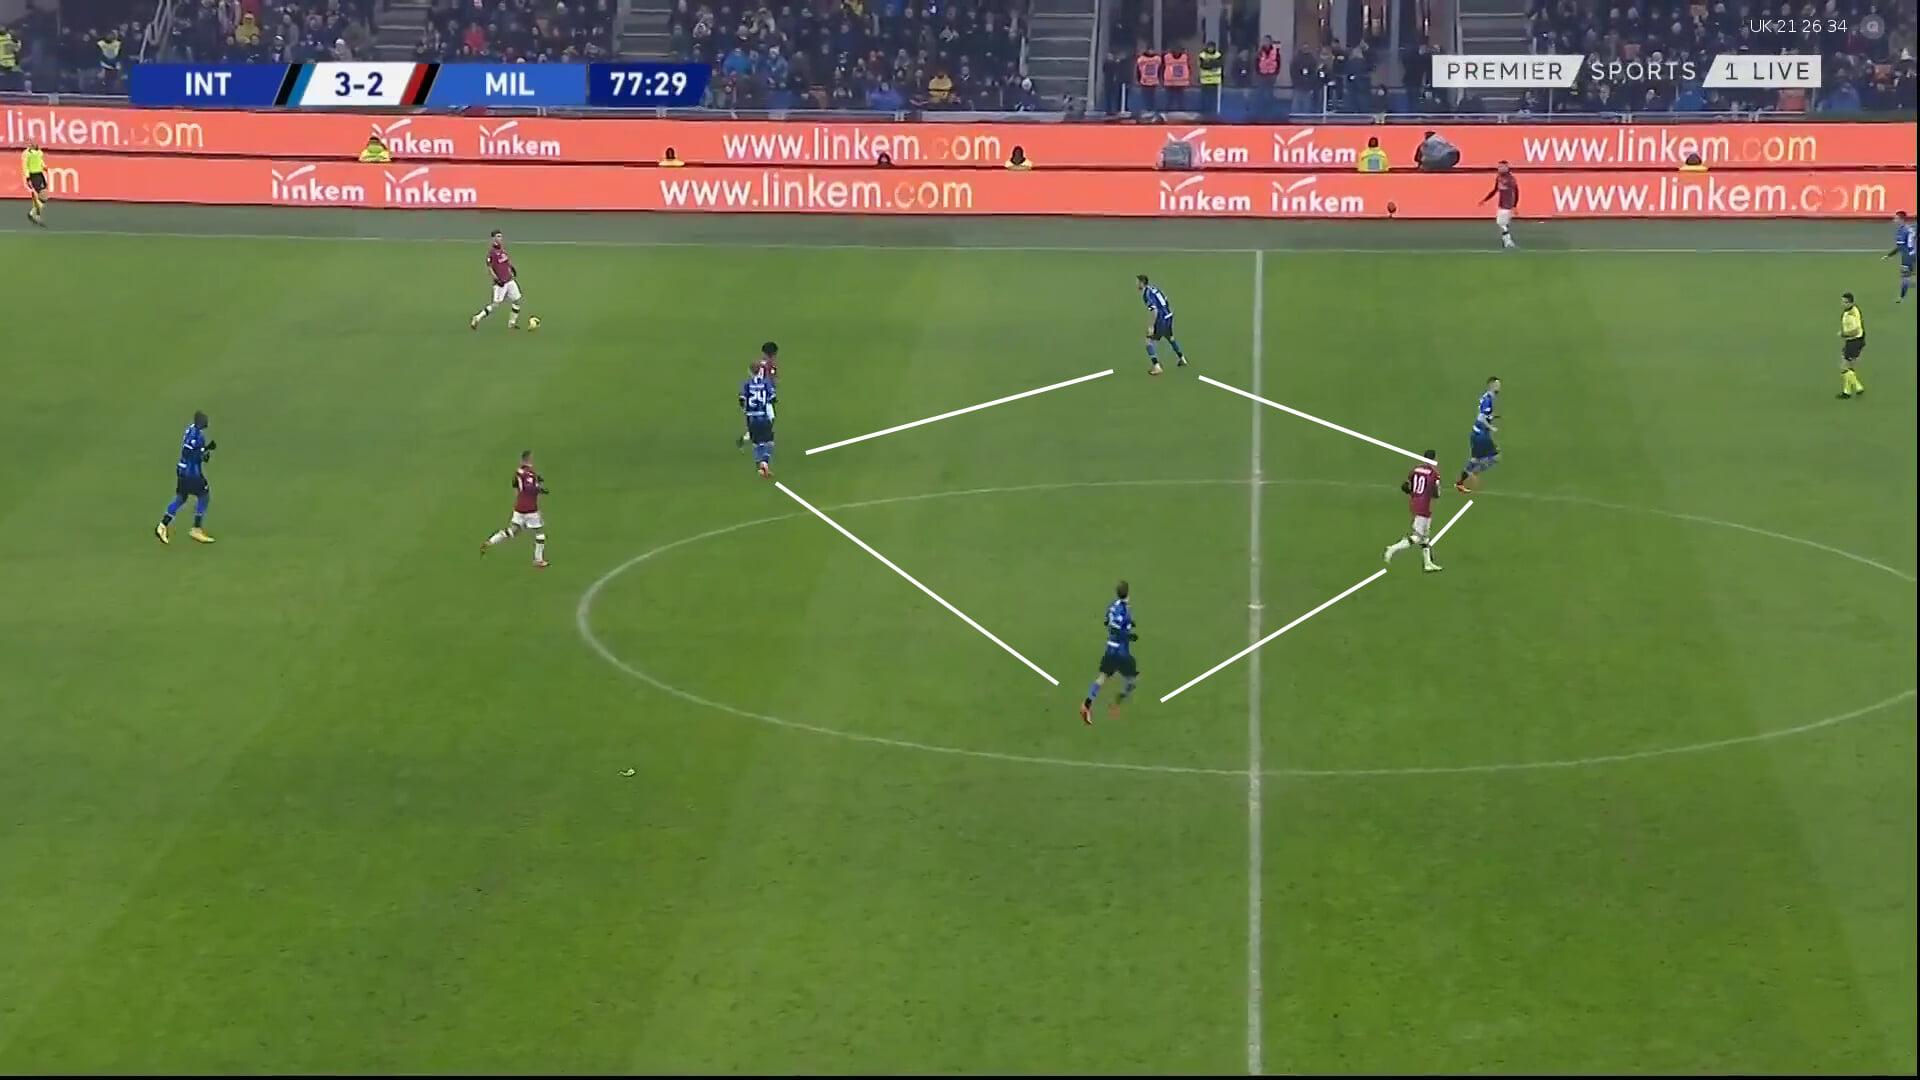 «Милан» проводил лучший матч сезона – использовал слабости схемы «Интера». Все сломал провал в начале второго тайма